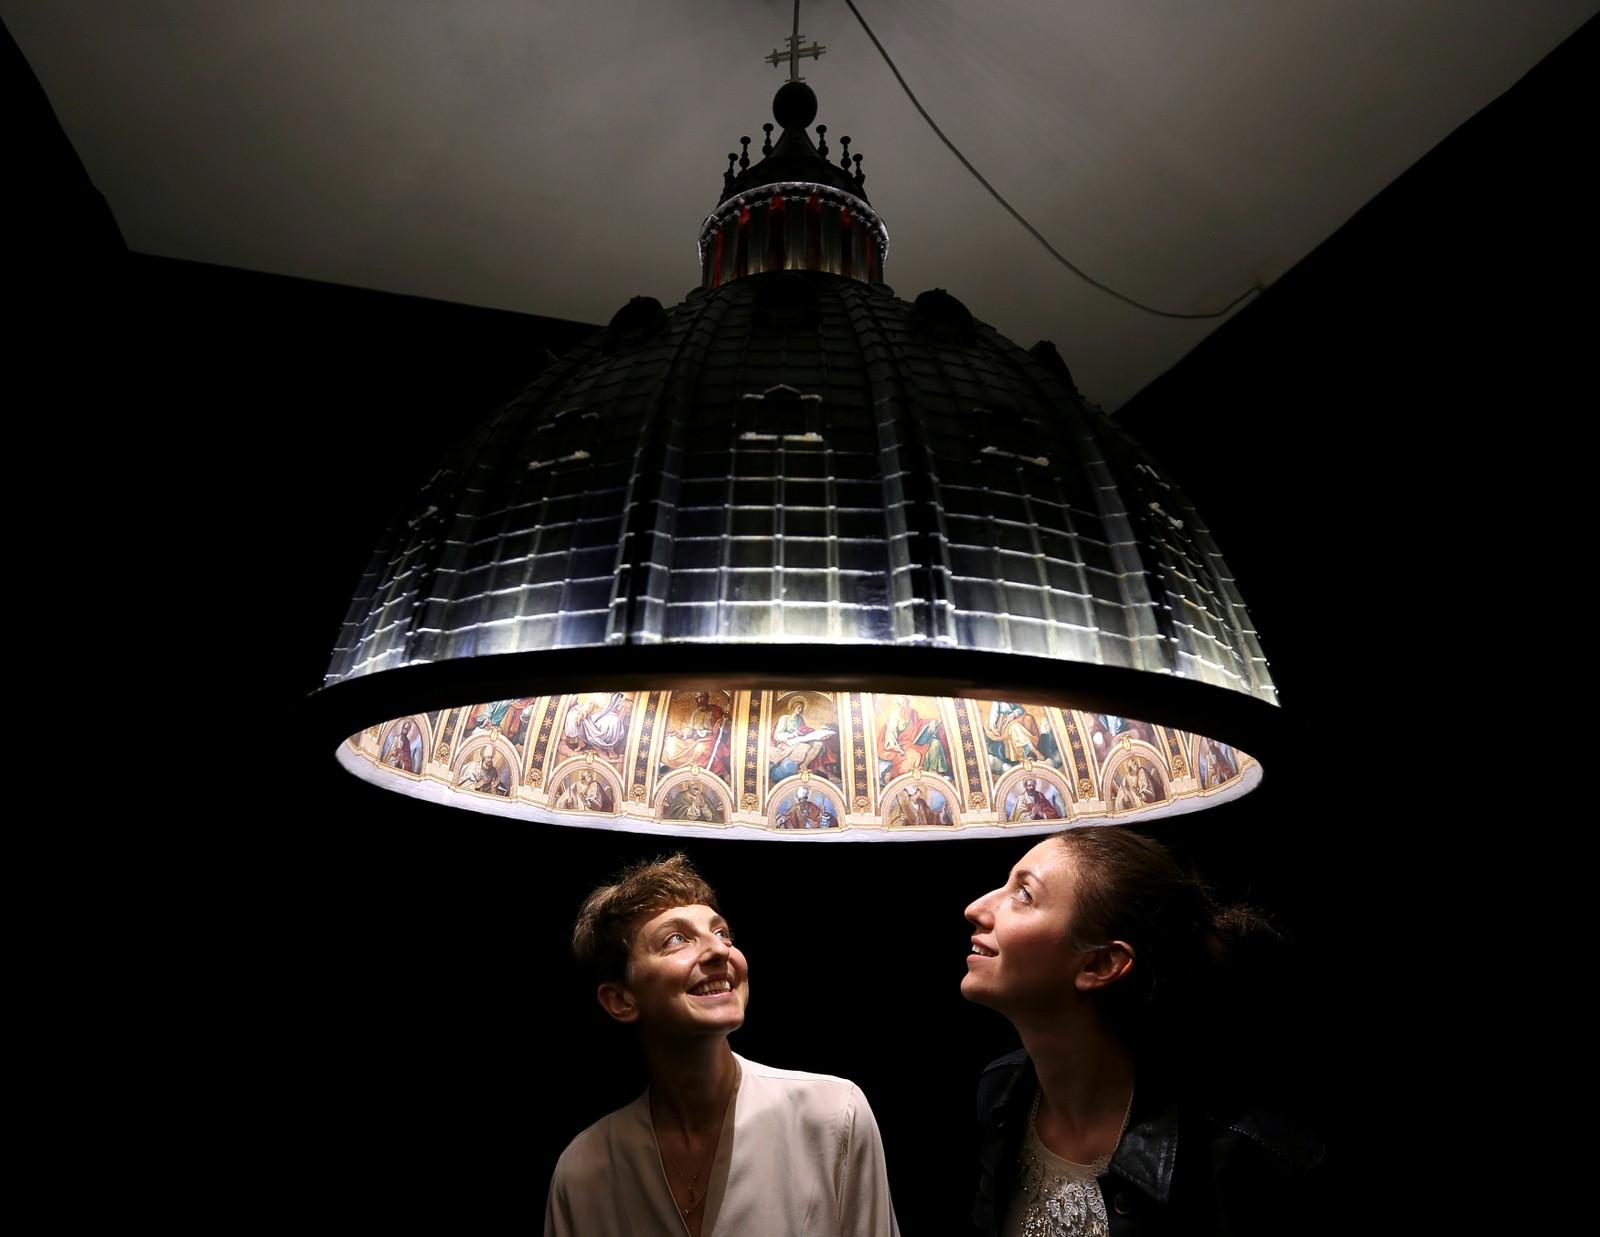 LAMPEKUPPEL: Designerne Eleonora Barbareschi (t.v.) og Alessandra Mantovani under lampen «Cupola, e luce fu», som betyr «Kuppel, og det ble lys». Den store taklampen er utformet som kuppelen på Peterskirken, både innvendig og utvendig. Lampen er laget av det italienske designbyrået Studio AMeBE og vises denne uken fram under 2016 Milano Design Week.